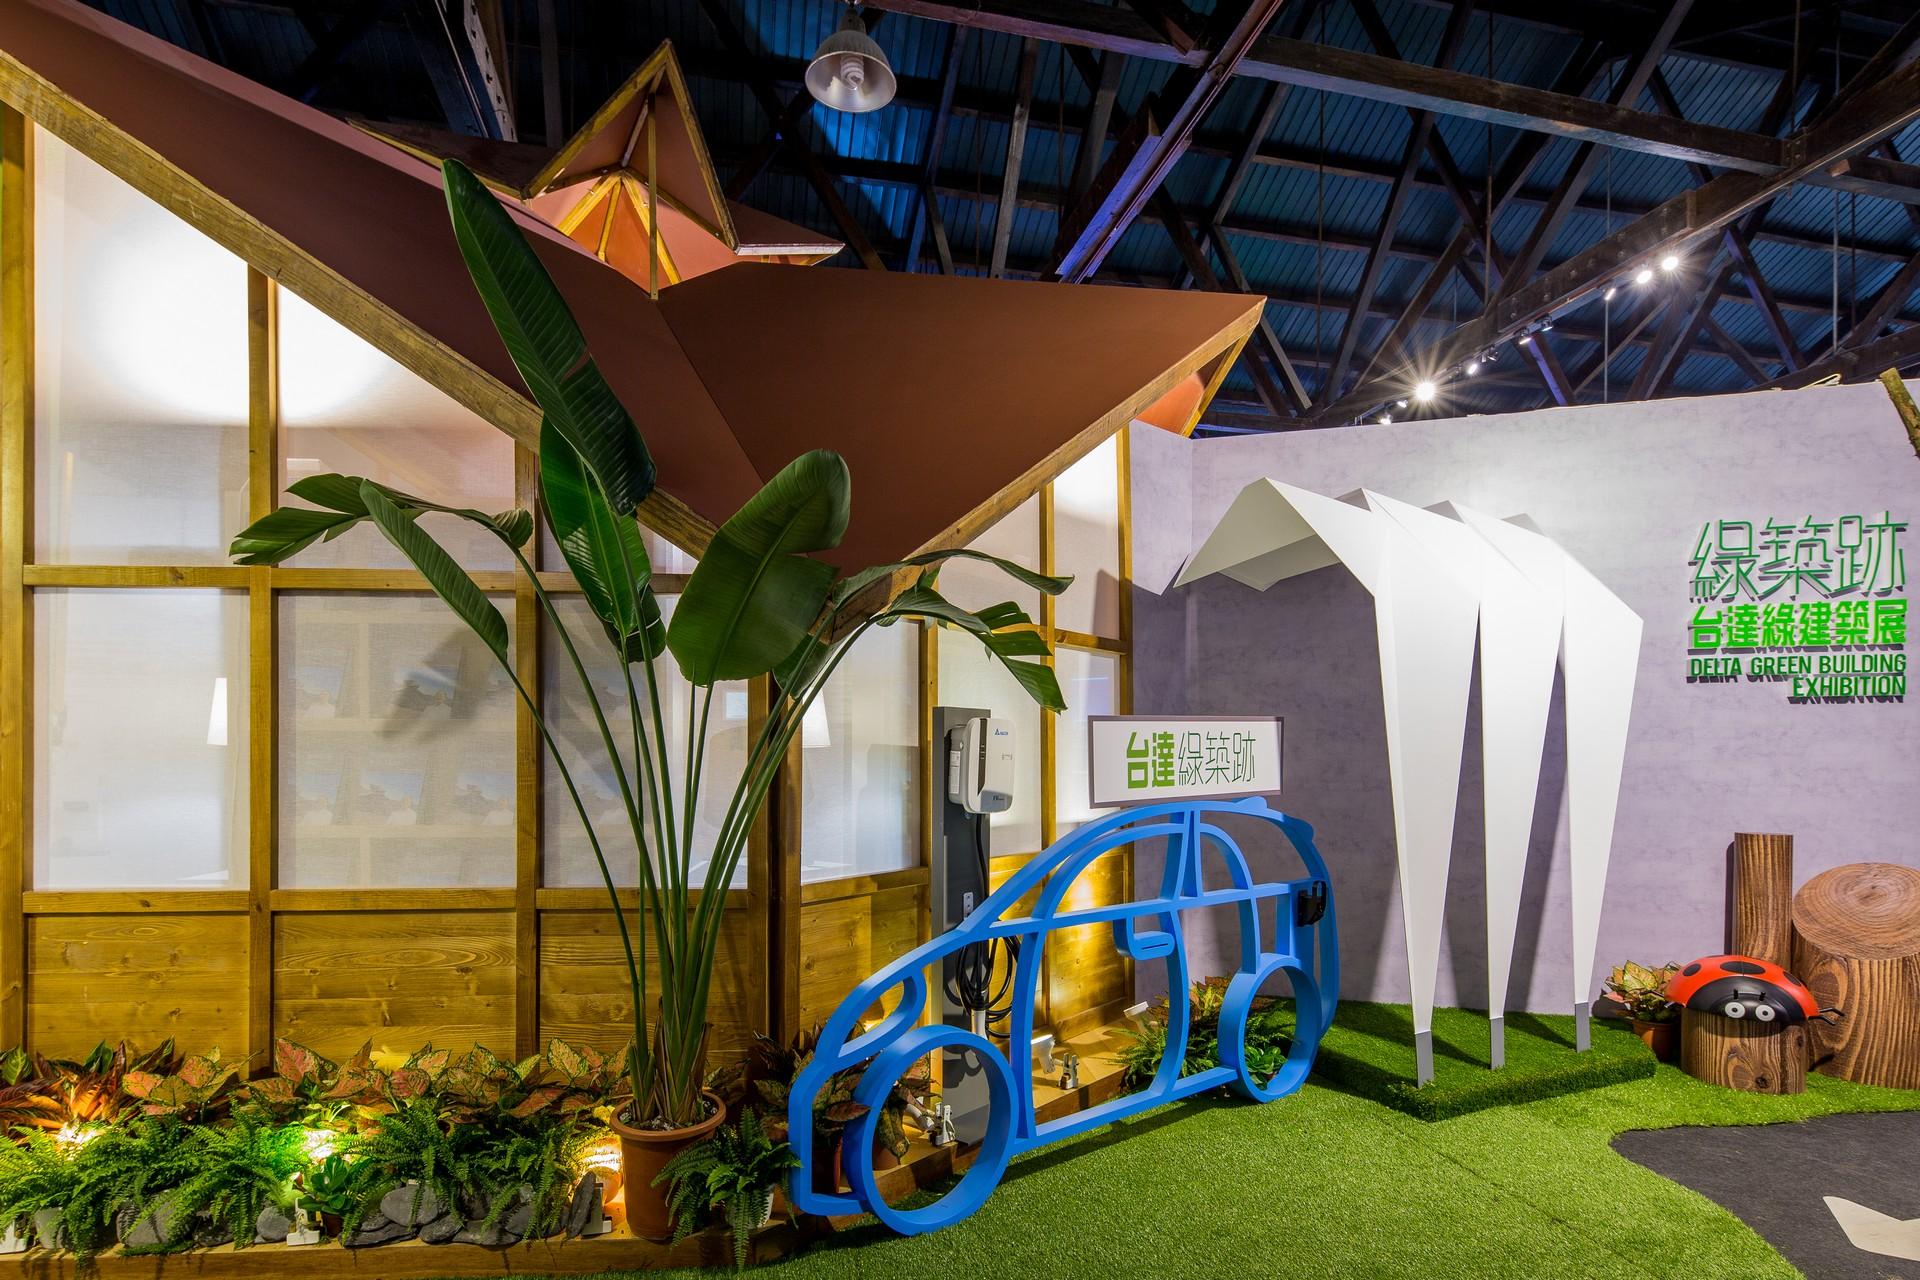 台達電子文教基金會以「低碳住行 轉動城市」為題,於高雄駁二特區舉辦「綠築跡 - 台達綠建築展」。 圖片來源: 台達電子文教基金會